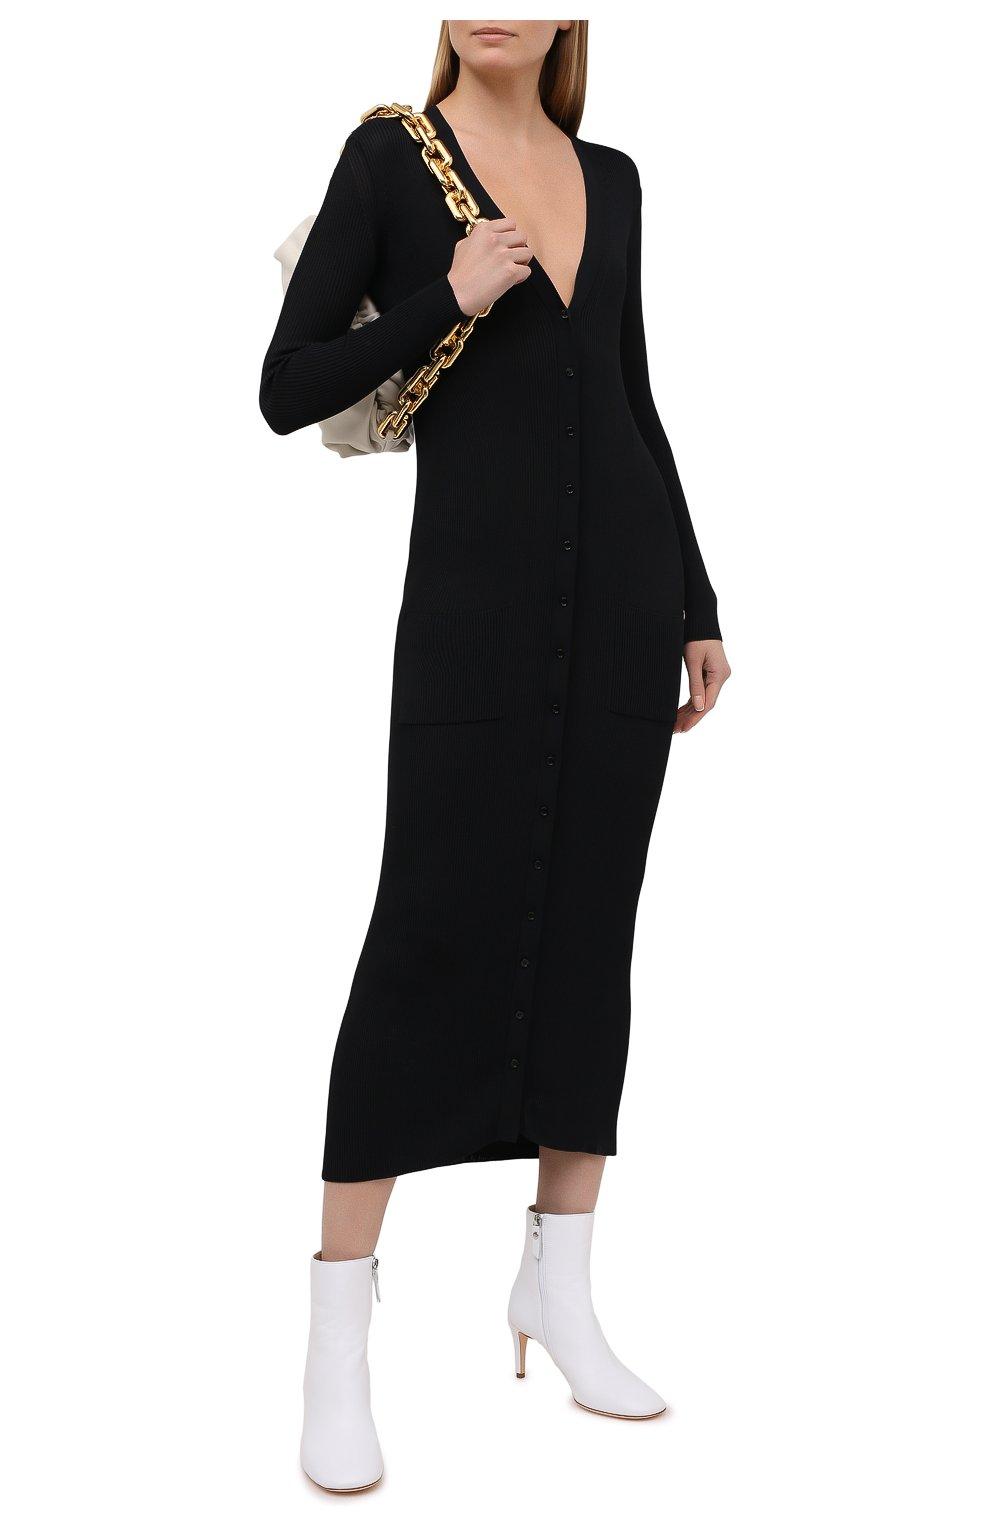 Женские кожаные ботильоны AGL белого цвета, арт. D260501PCS0FTY0102 | Фото 2 (Каблук высота: Высокий, Средний; Материал внешний: Кожа; Материал внутренний: Натуральная кожа; Каблук тип: Шпилька; Подошва: Плоская)